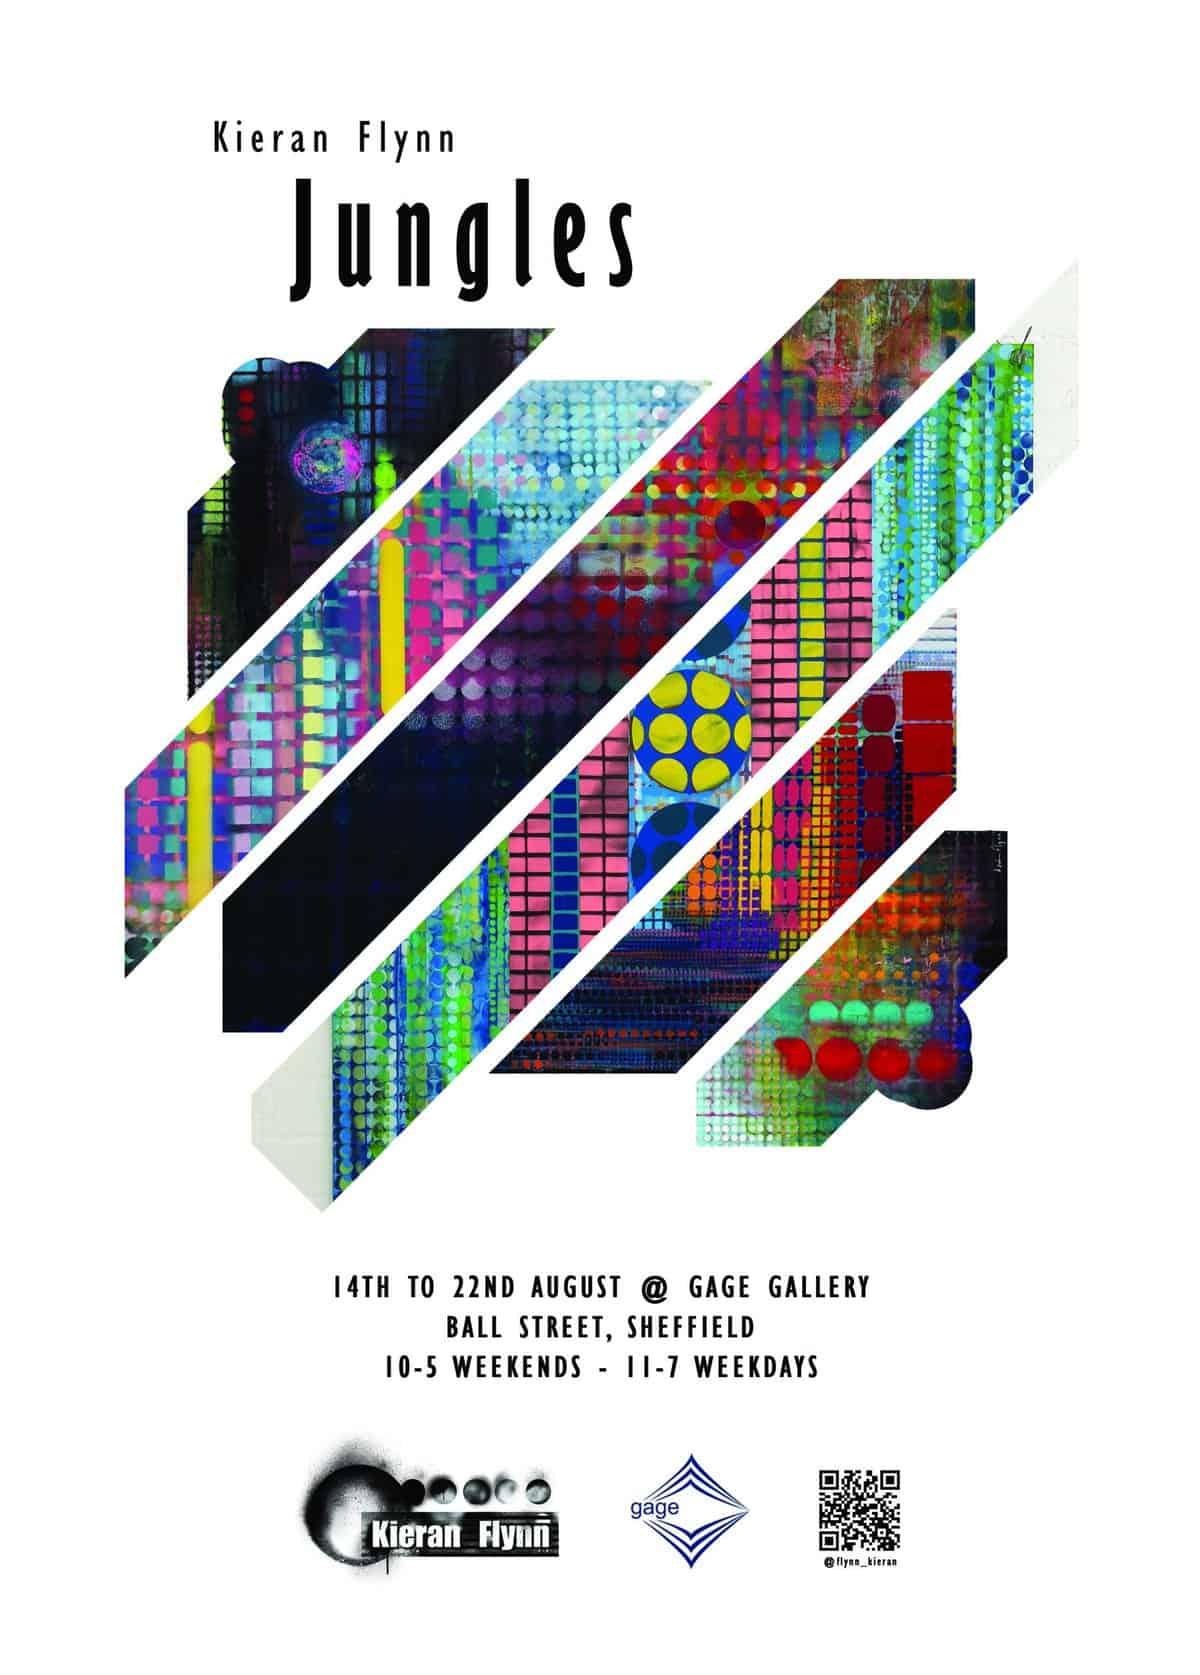 Flyer for Kieran Flynn Jungles